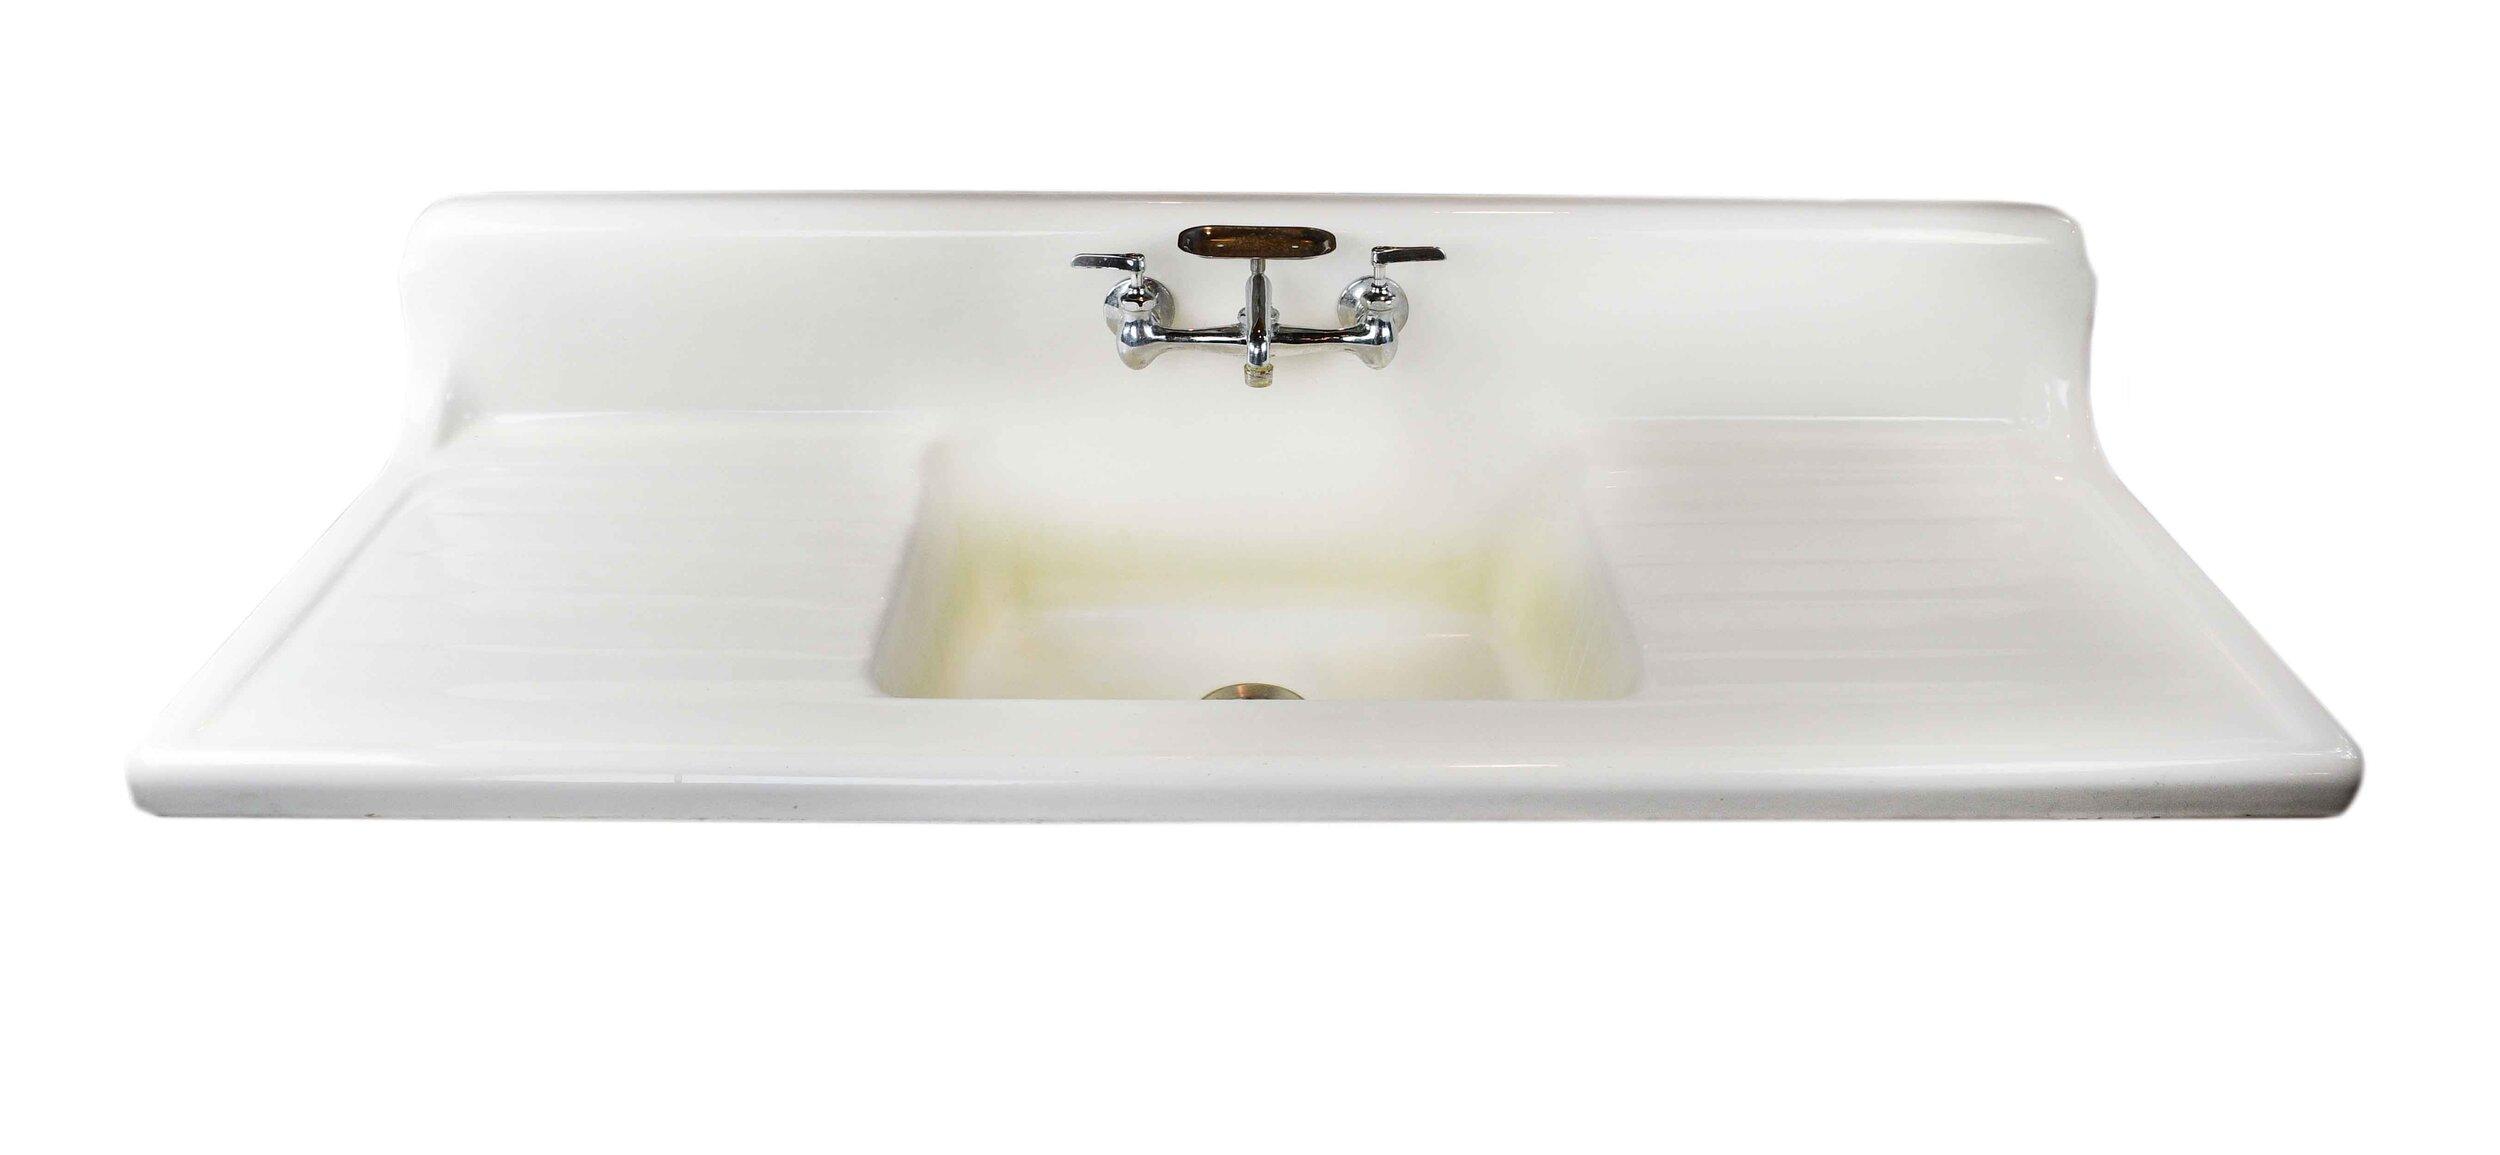 crane-double-basin-6.jpg